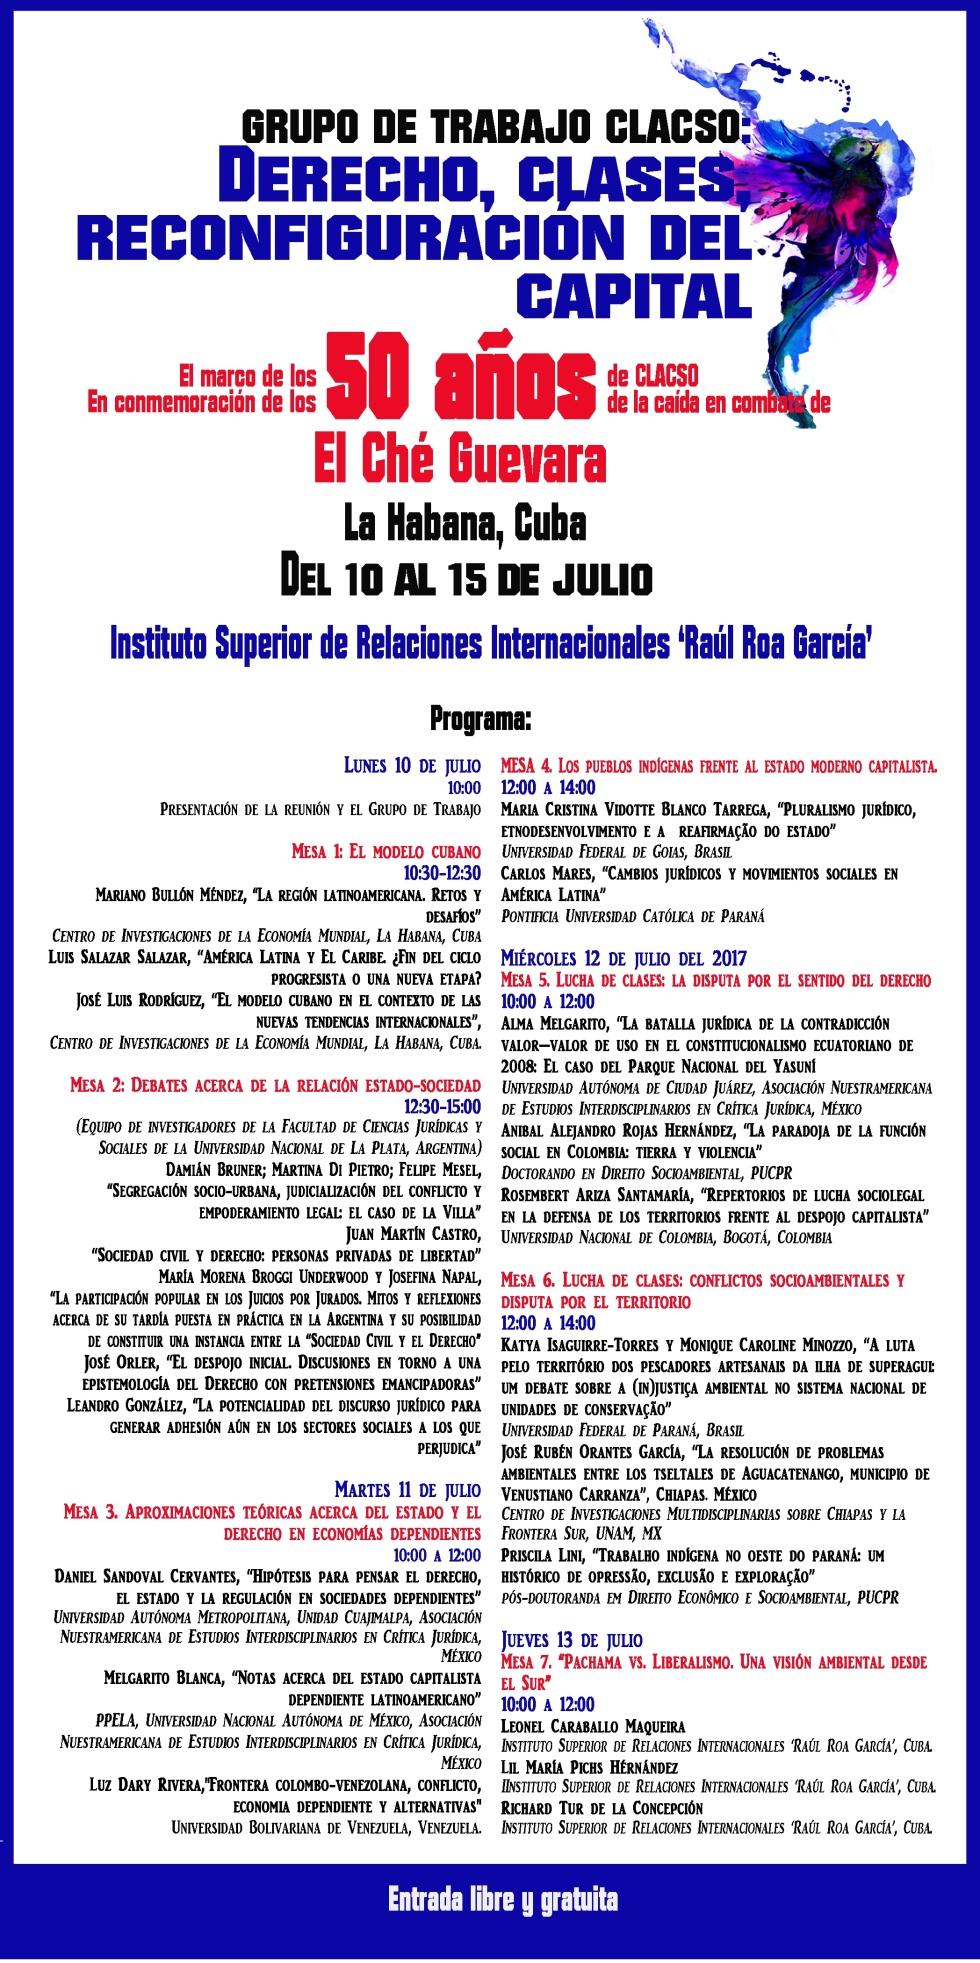 cf. derecho, clases, reconfiguración del capital. gt.clacso